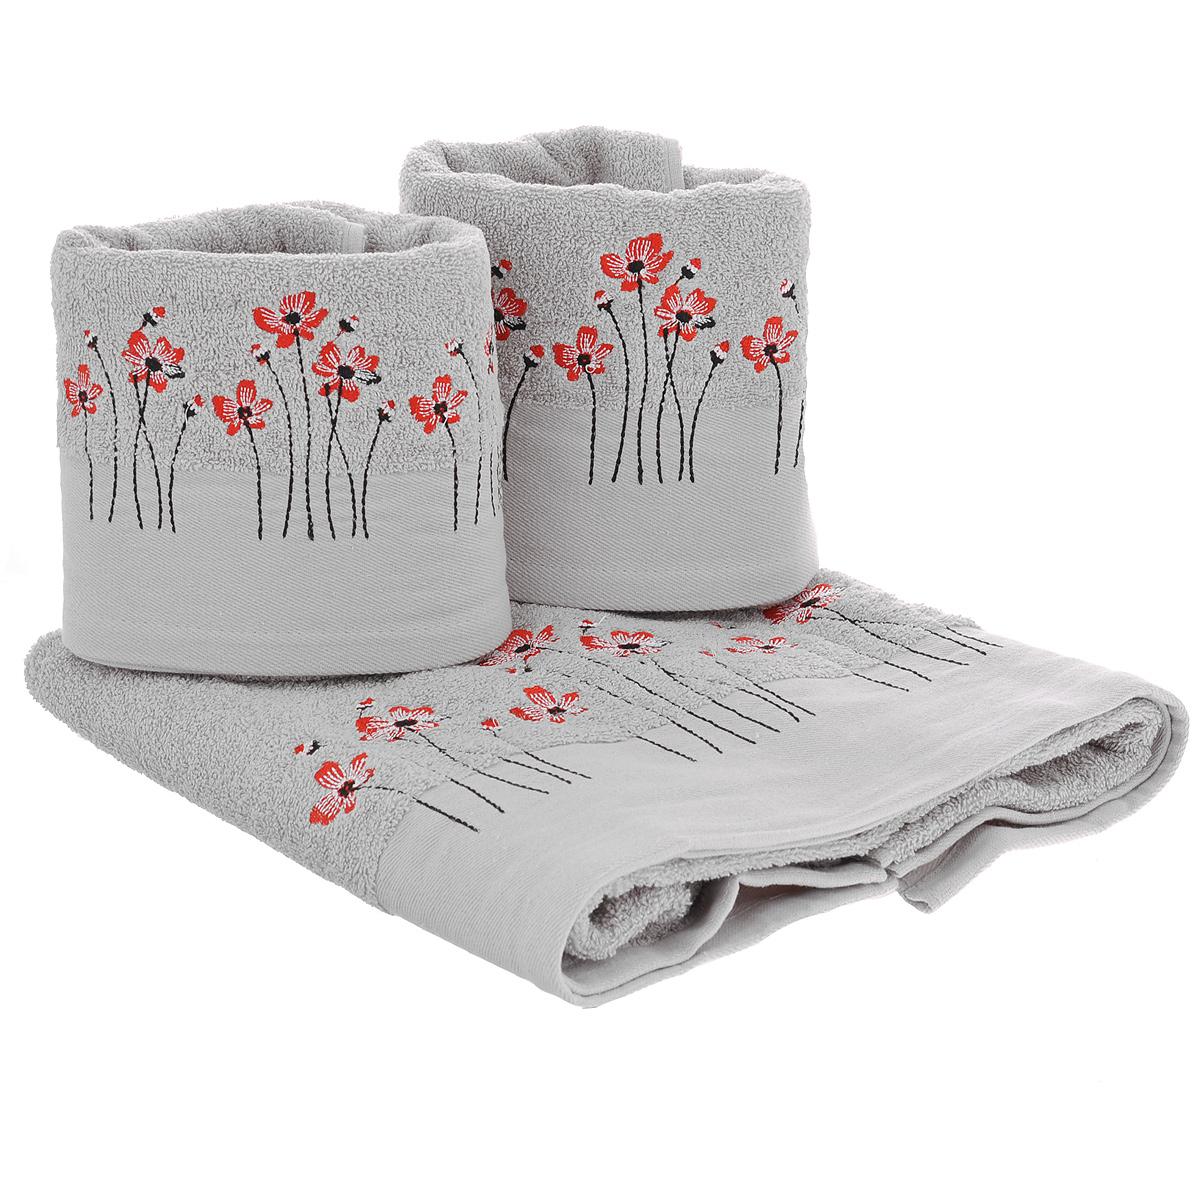 Набор махровых полотенец Красные цветы, цвет: серый, 3 шт68/5/1Набор Красные цветы состоит из трех полотенец разного размера, выполненных из натуральной махровой ткани. Полотенца украшены изящной вышивкой в виде цветов. Мягкие и уютные, они прекрасно впитывают влагу и легко стираются. Такой набор подарит массу положительных эмоций и приятных ощущений.Рекомендации по уходу: - не следует стирать вместе с изделиями из полиэстра или другого синтетического материала,- стирать при температуре 40-50°С, - химчистка запрещена, - не рекомендуется отбеливать, - сушить в деликатном режиме. Размер полотенец: 50 см х 90 см (2 шт), 70 см х 140 см (1 шт).